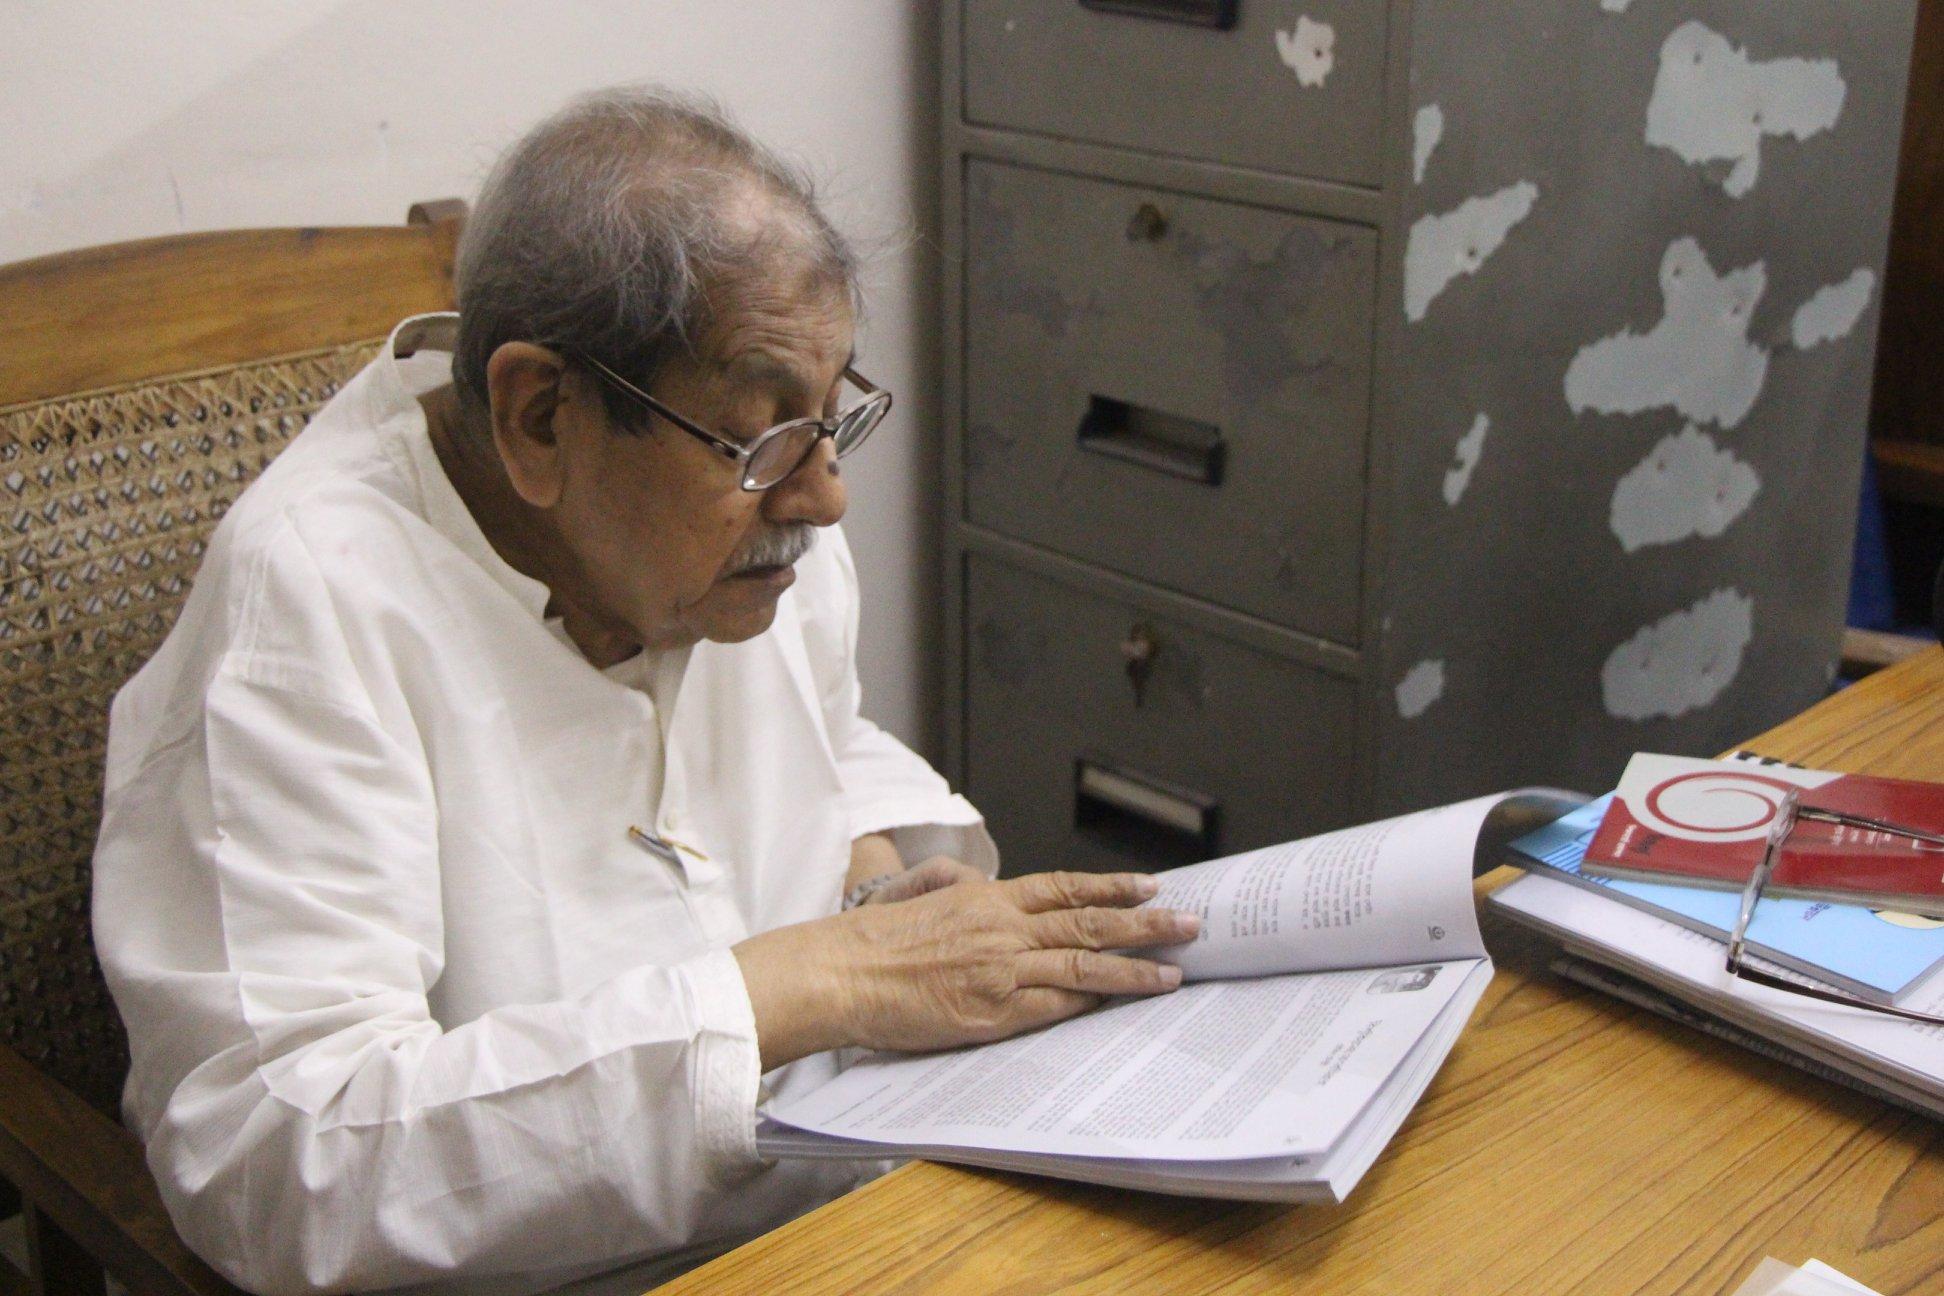 জাতীয় অধ্যাপক ড. আনিসুজ্জামানের মৃত্যুতে শোকবার্তা